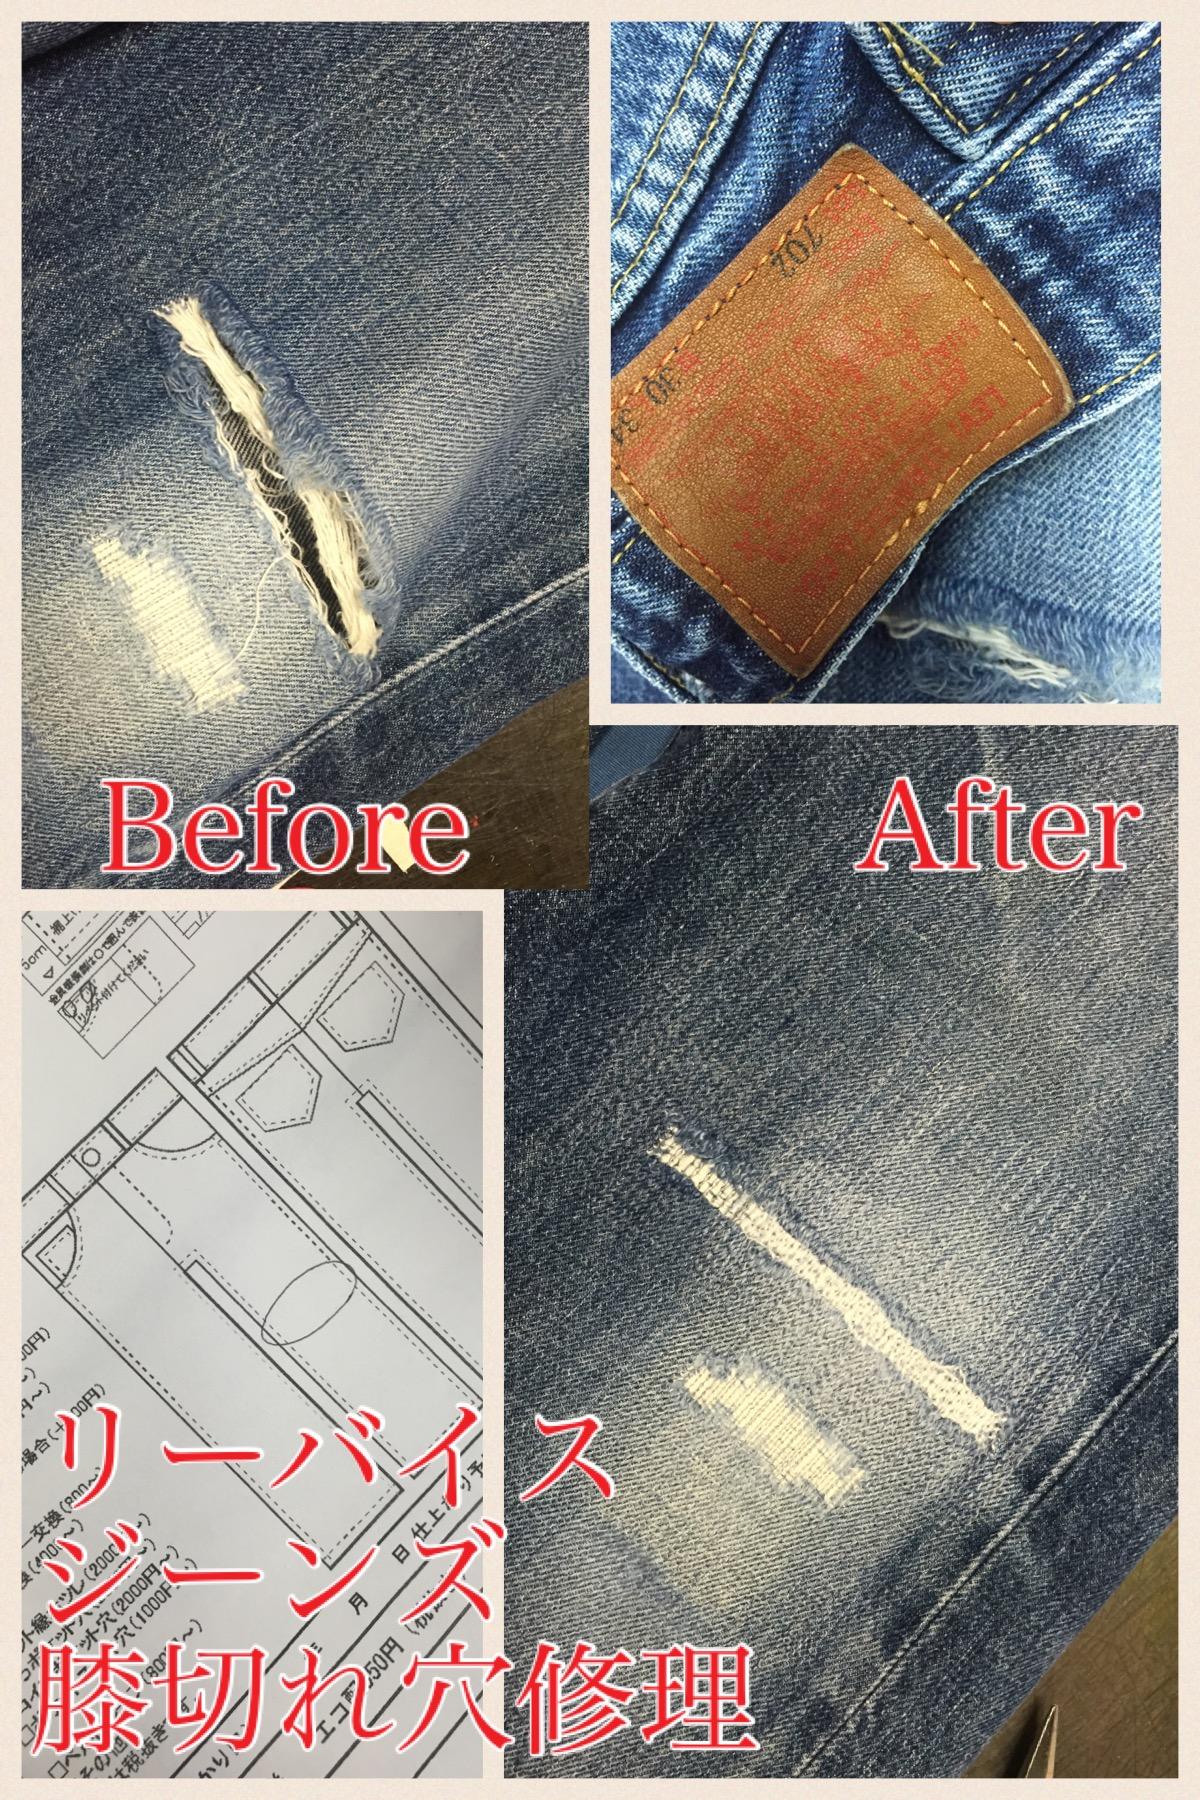 膝切れ修理